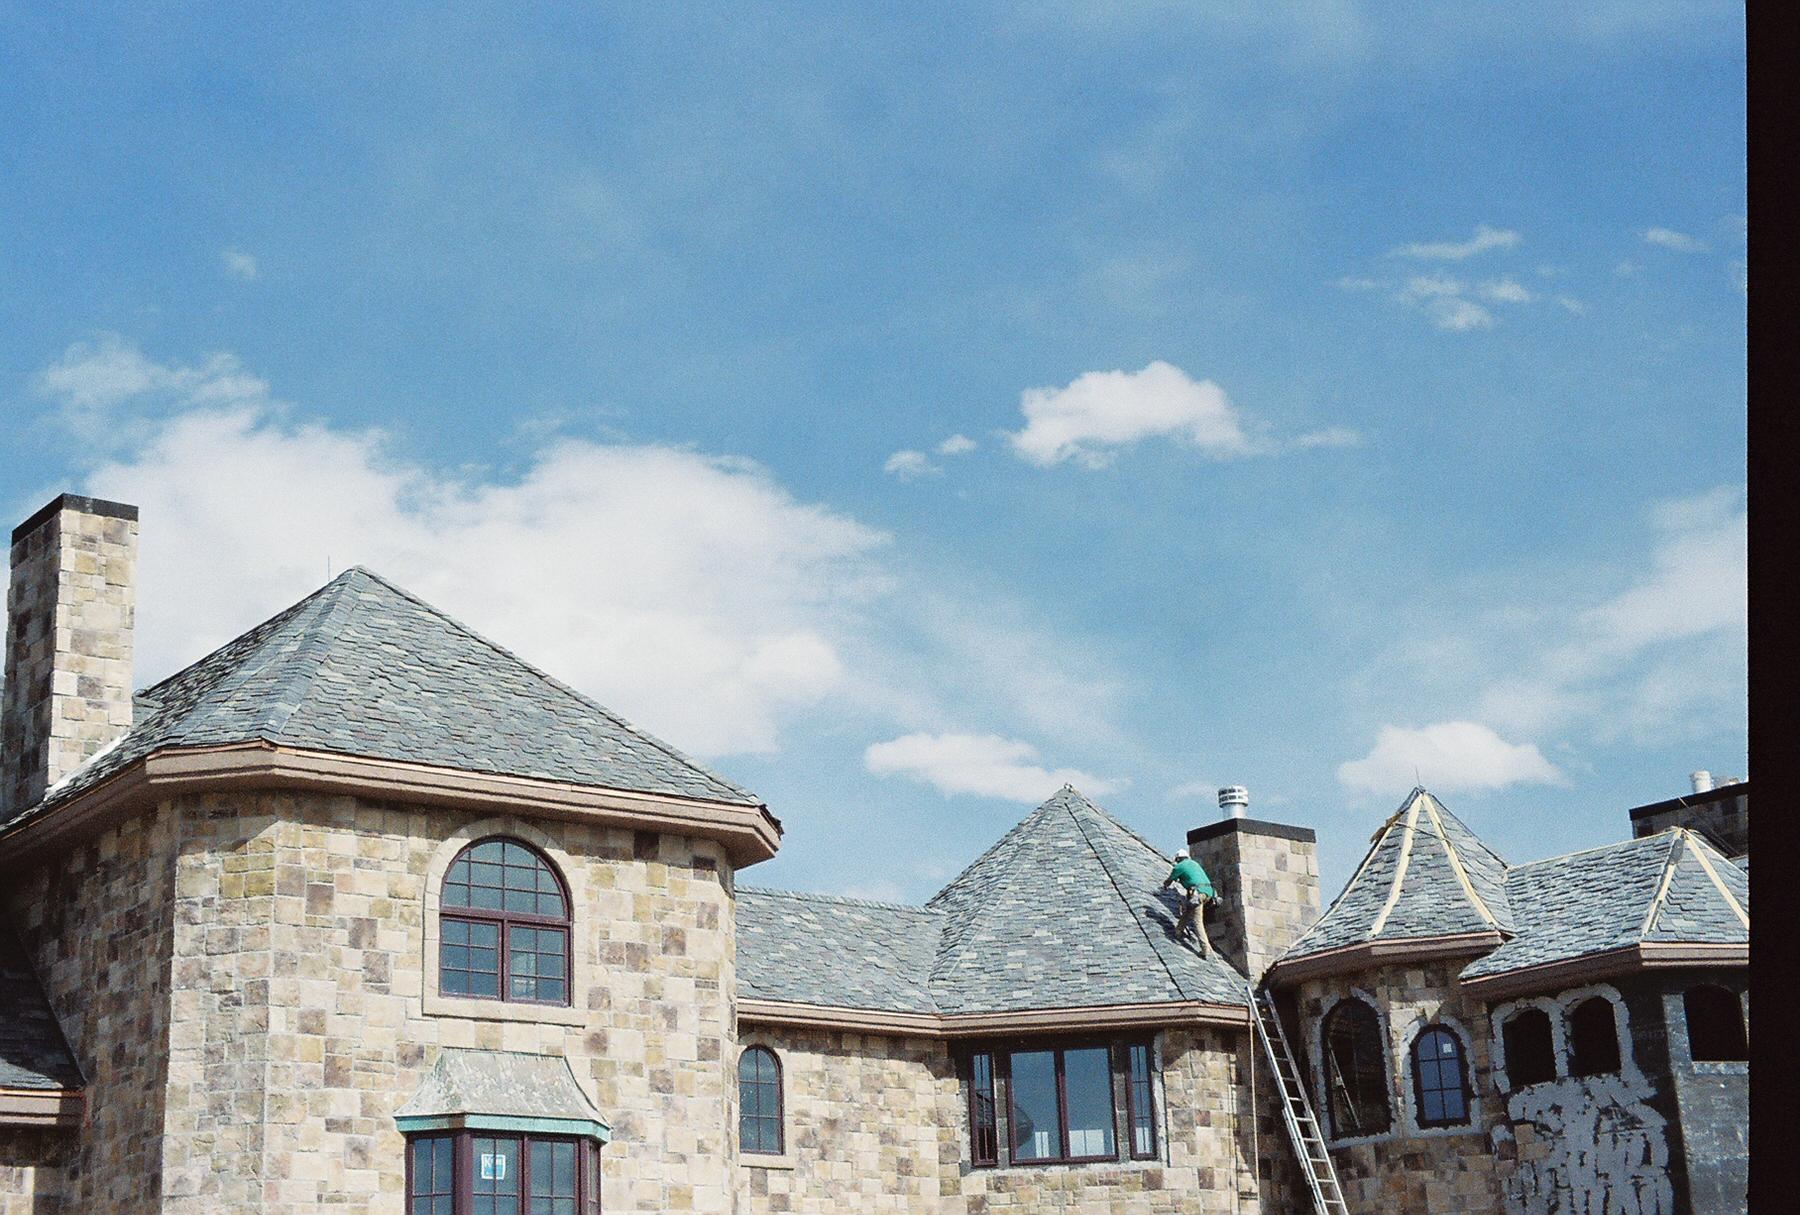 Apollo Roofing & Repairs LLC image 2